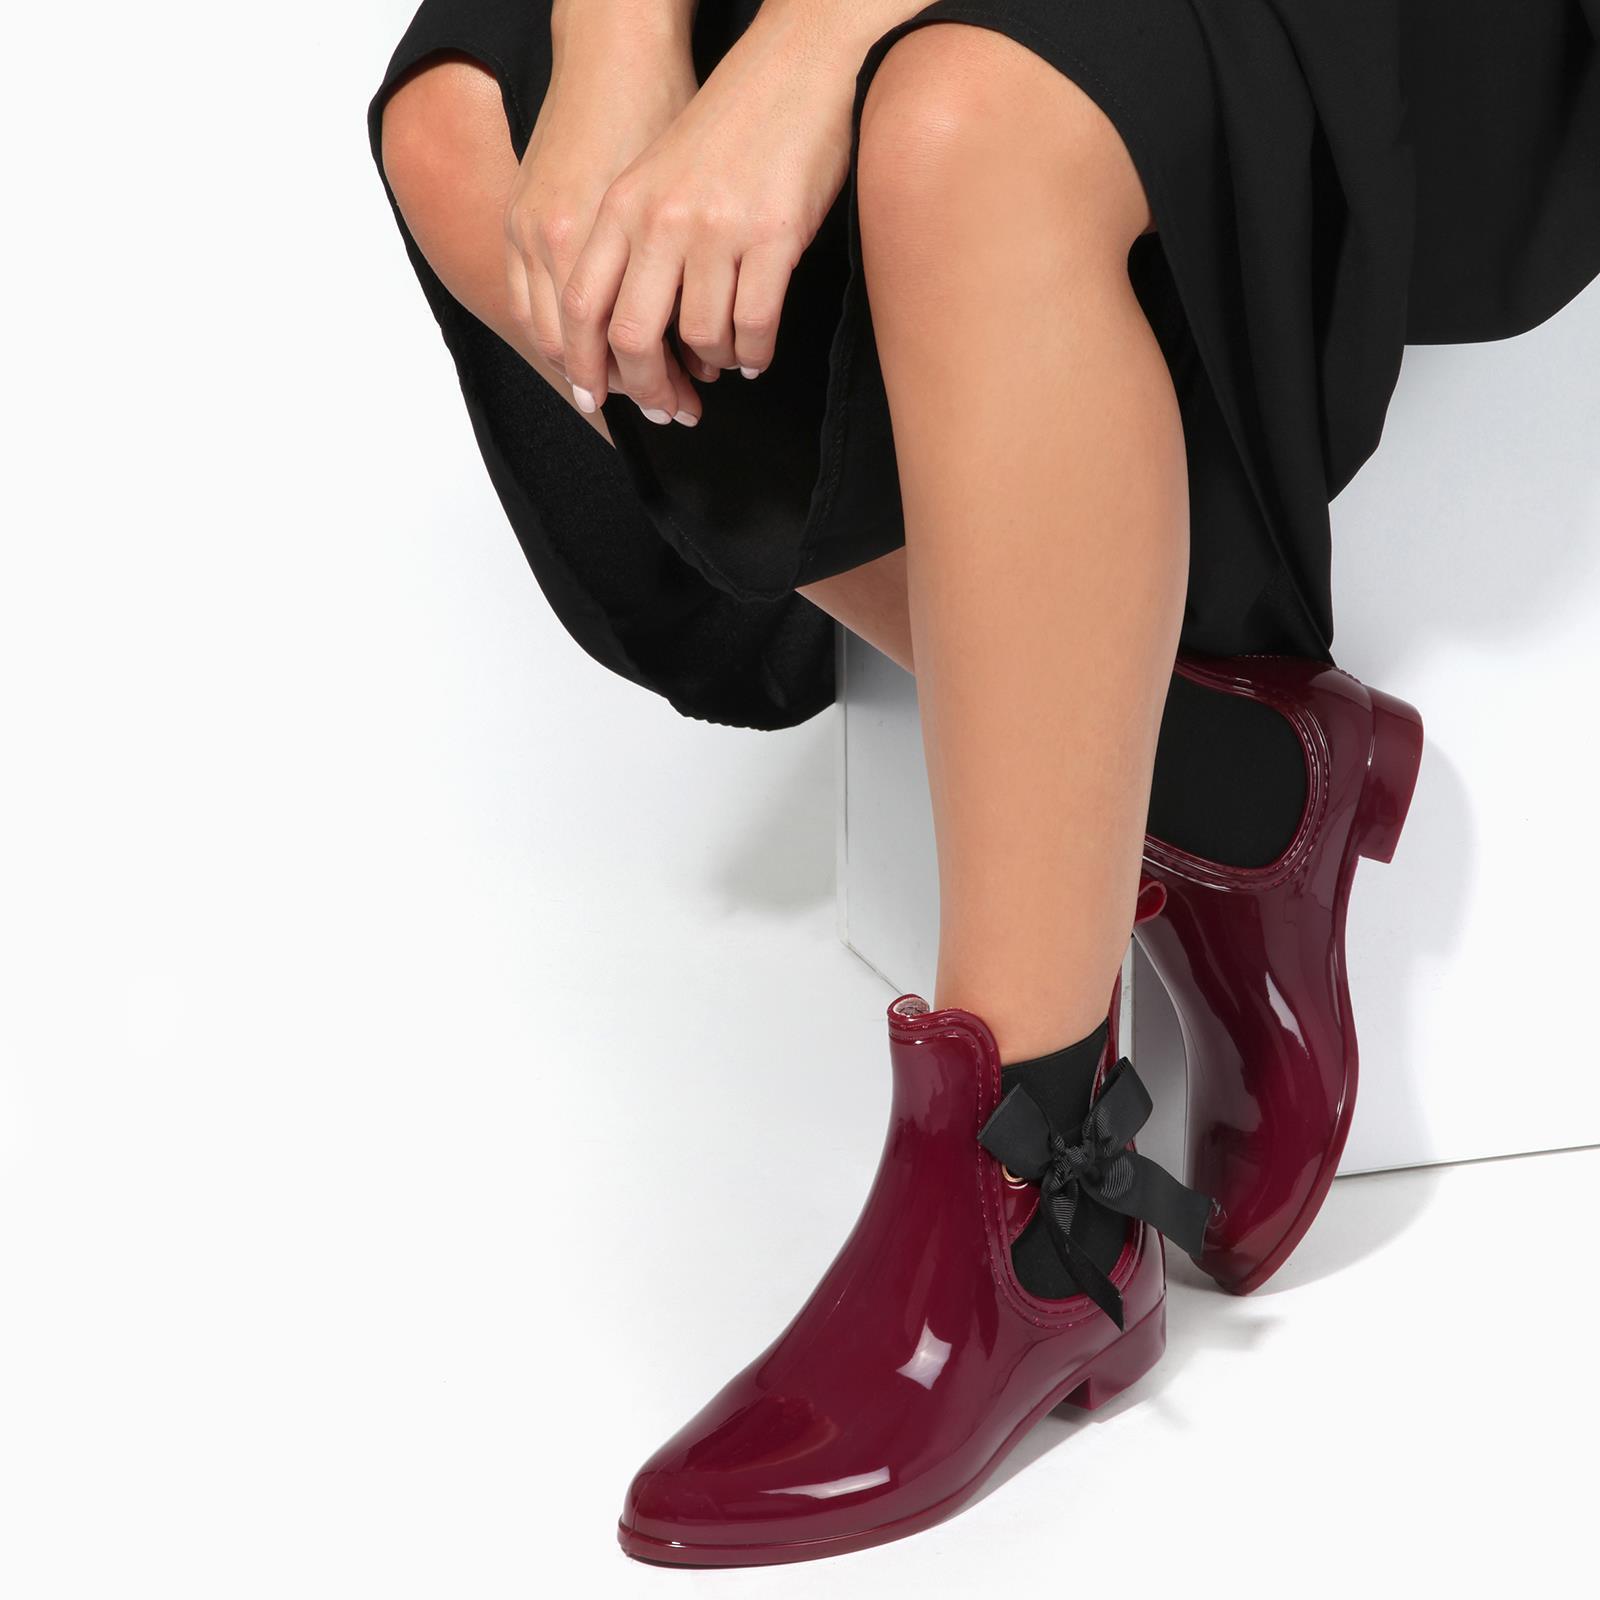 Botas-Agua-Mujer-Barata-Original-Botines-Moda-Comodas-Calzado-Elastico-Juveniles miniatura 16